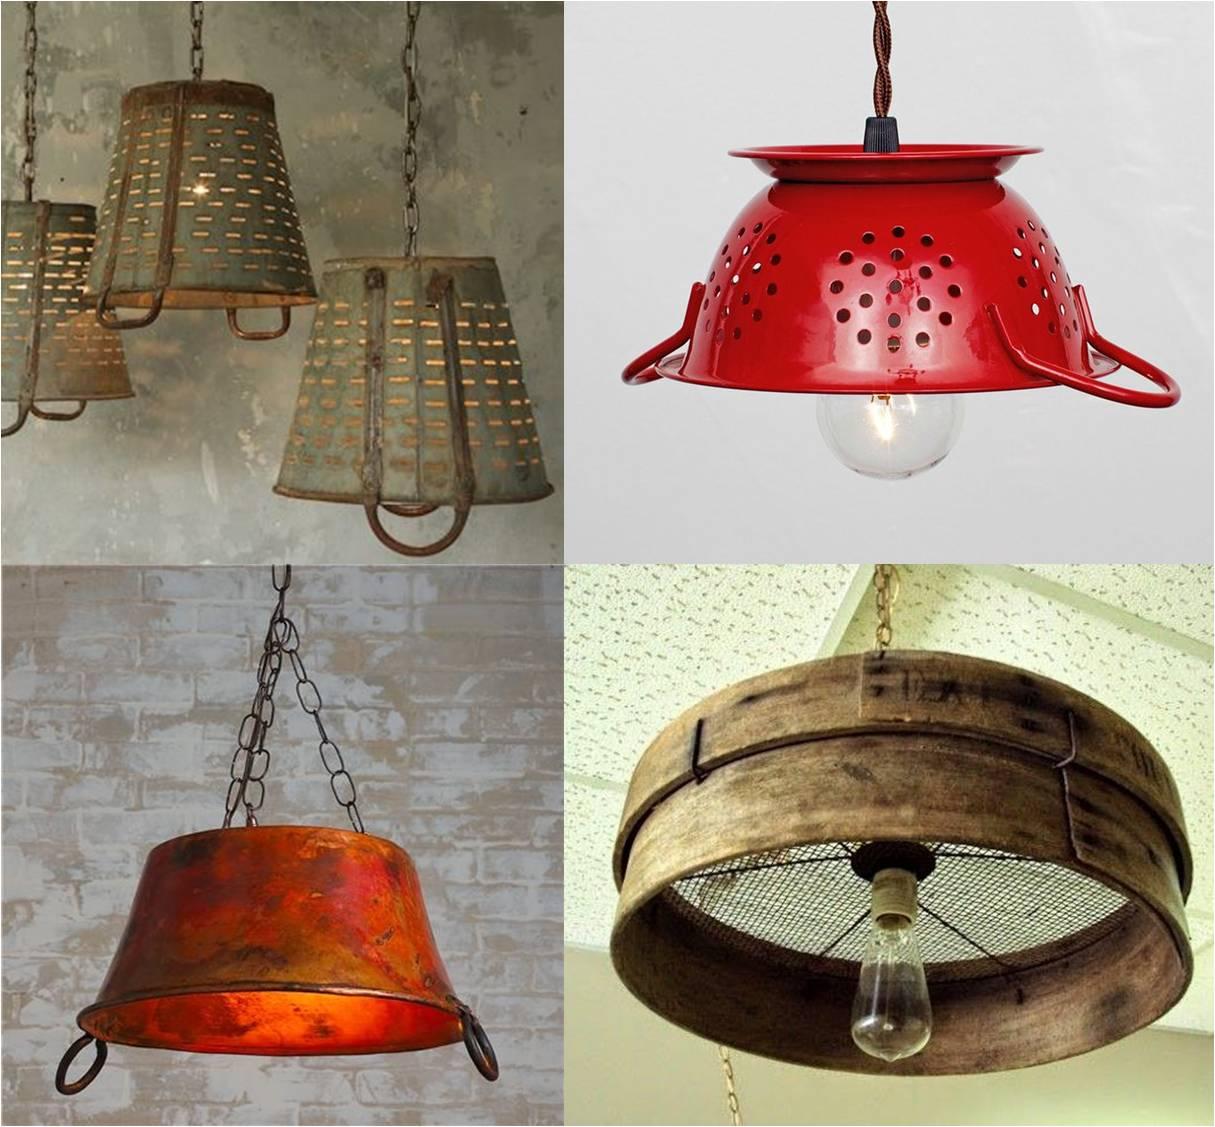 diy kitcken lamp